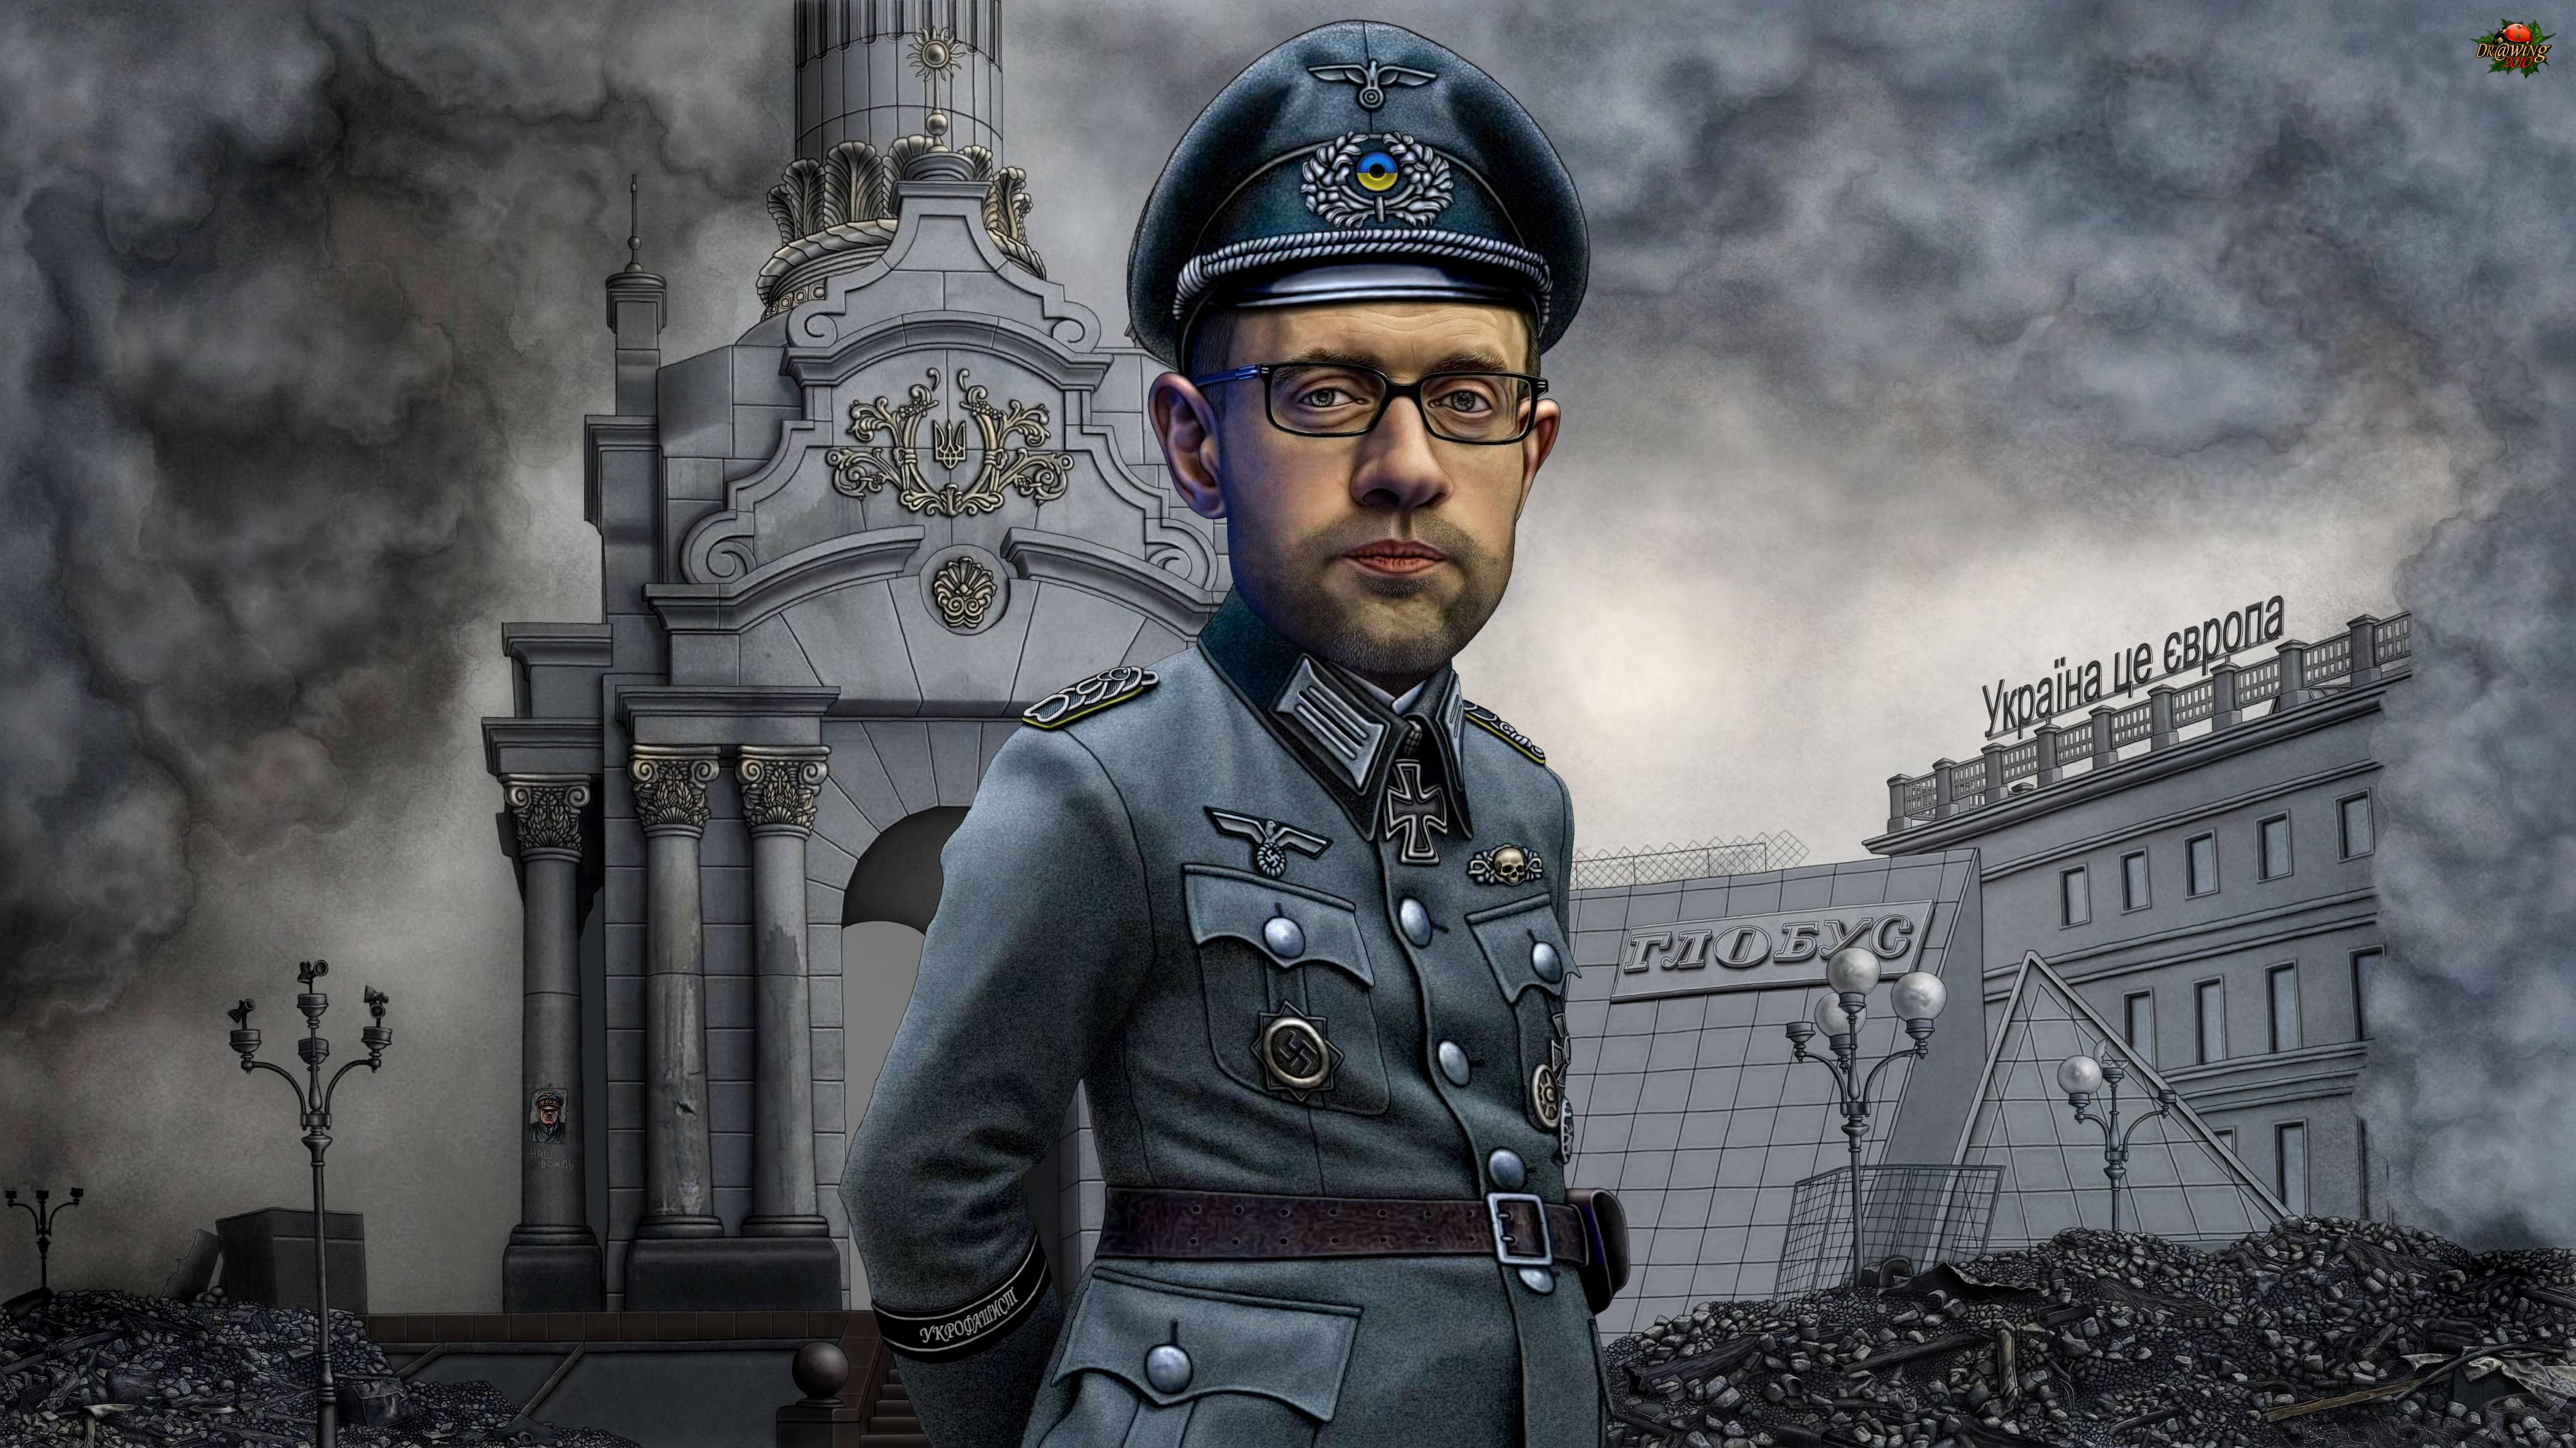 обои Яценюк, Украина, Майдан картинки фото